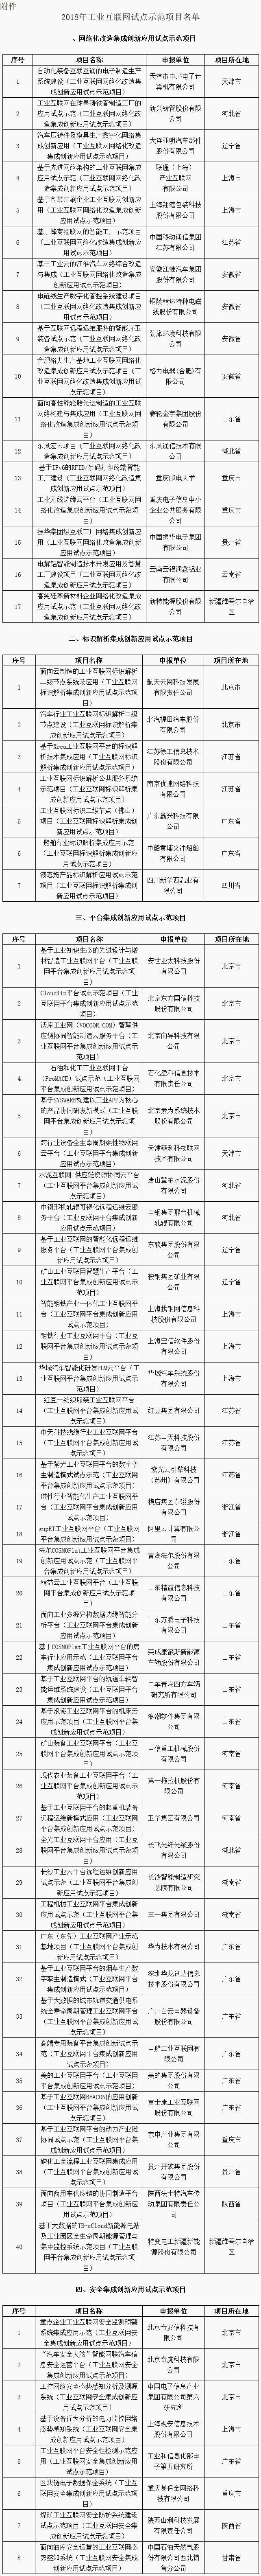 2018年工业互联网试点示范项目名单